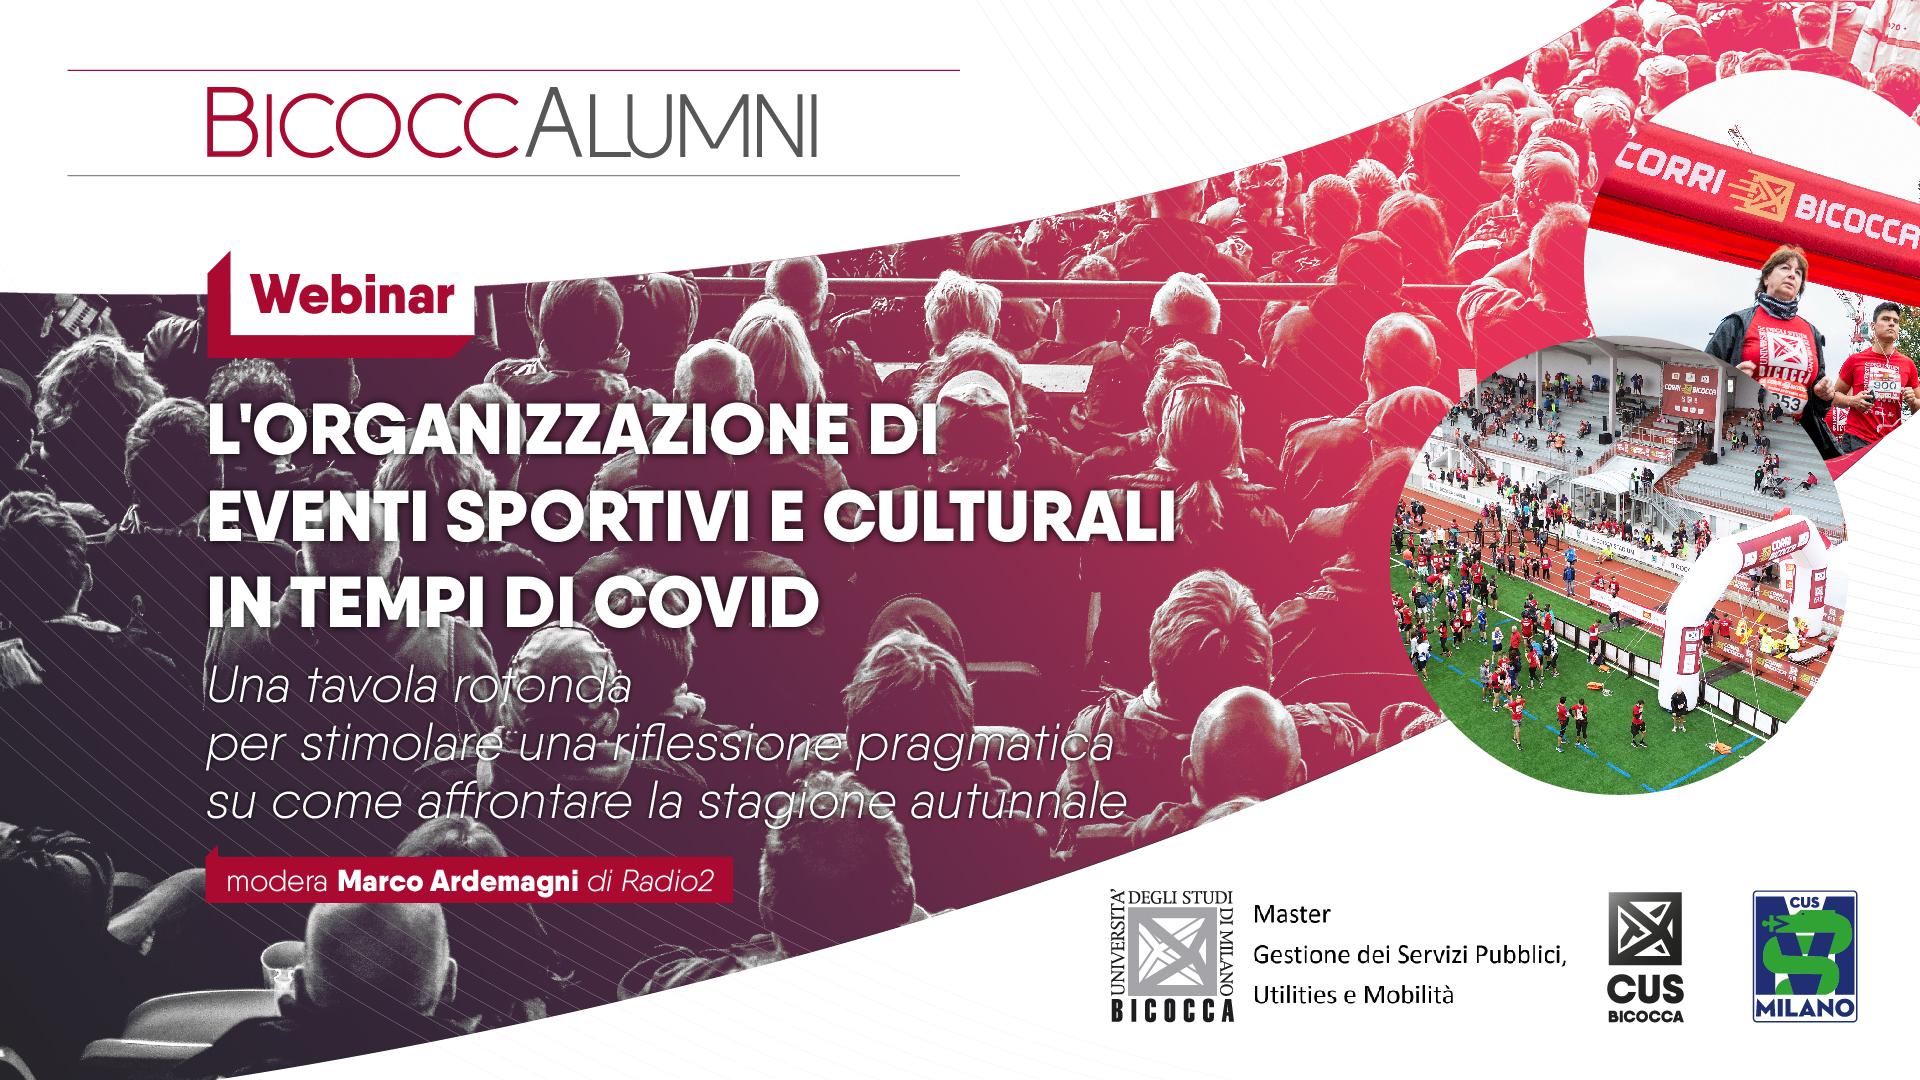 Webinar sull'organizzazione di eventi post-covid • CUS Bicocca